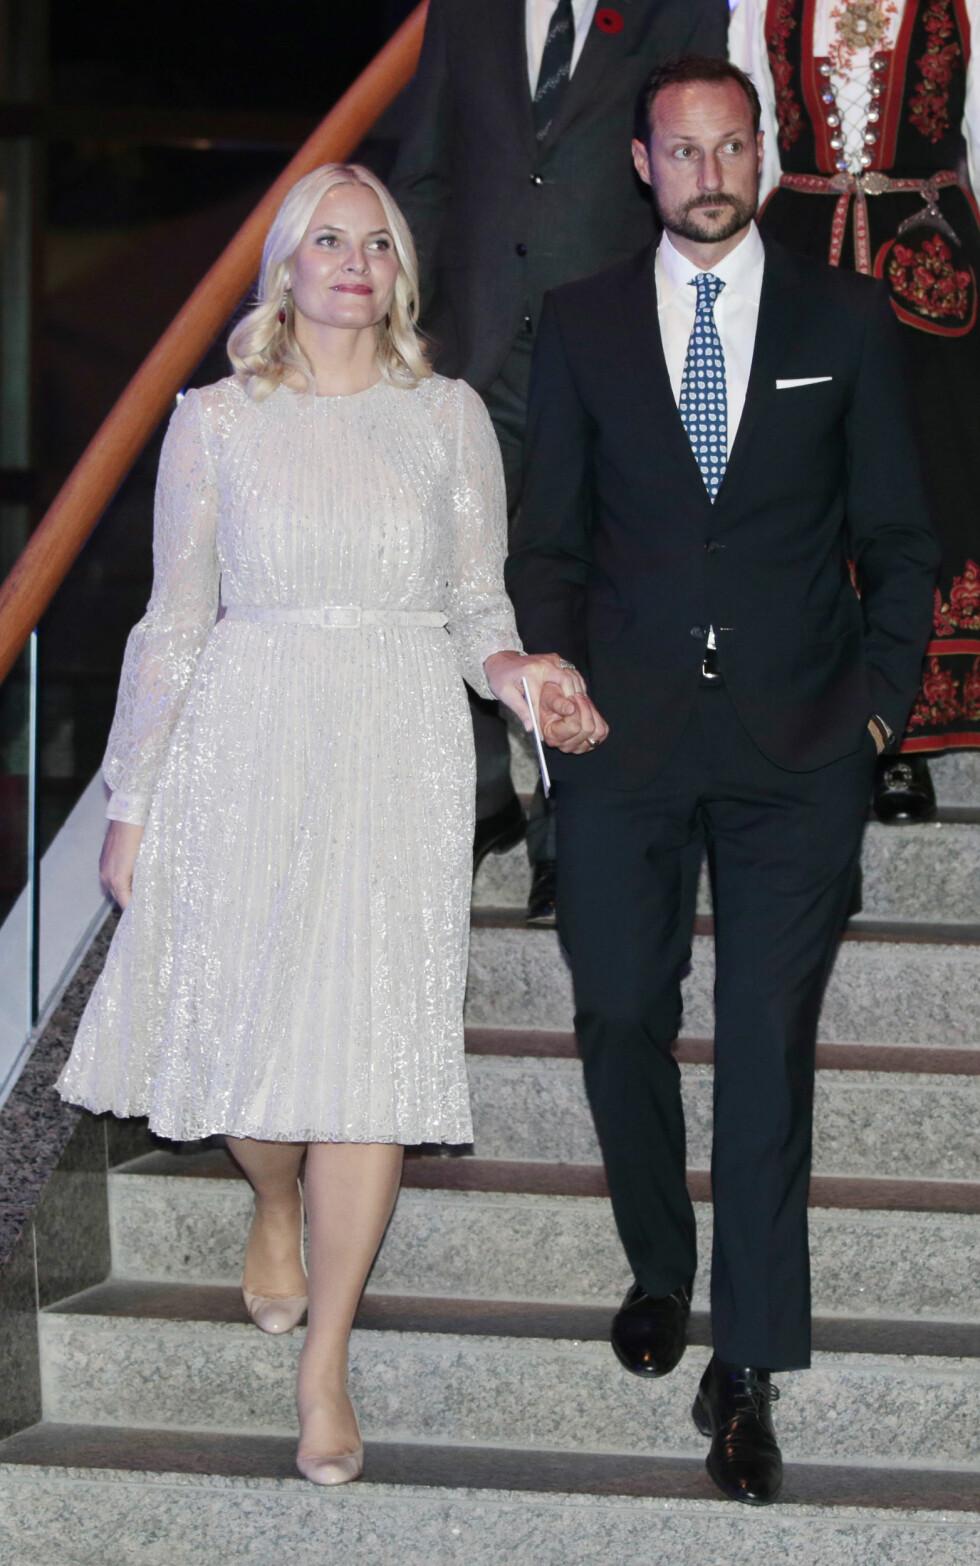 GLITRET: Nok et antrekk fra da kronprinsparet besøkte Canada i november. Her i en enkel, men glitrende kjole fra det britiske designmerket Erdem - Mette-Marit, du ser fantastisk ut! Foto: NTB Scanpix